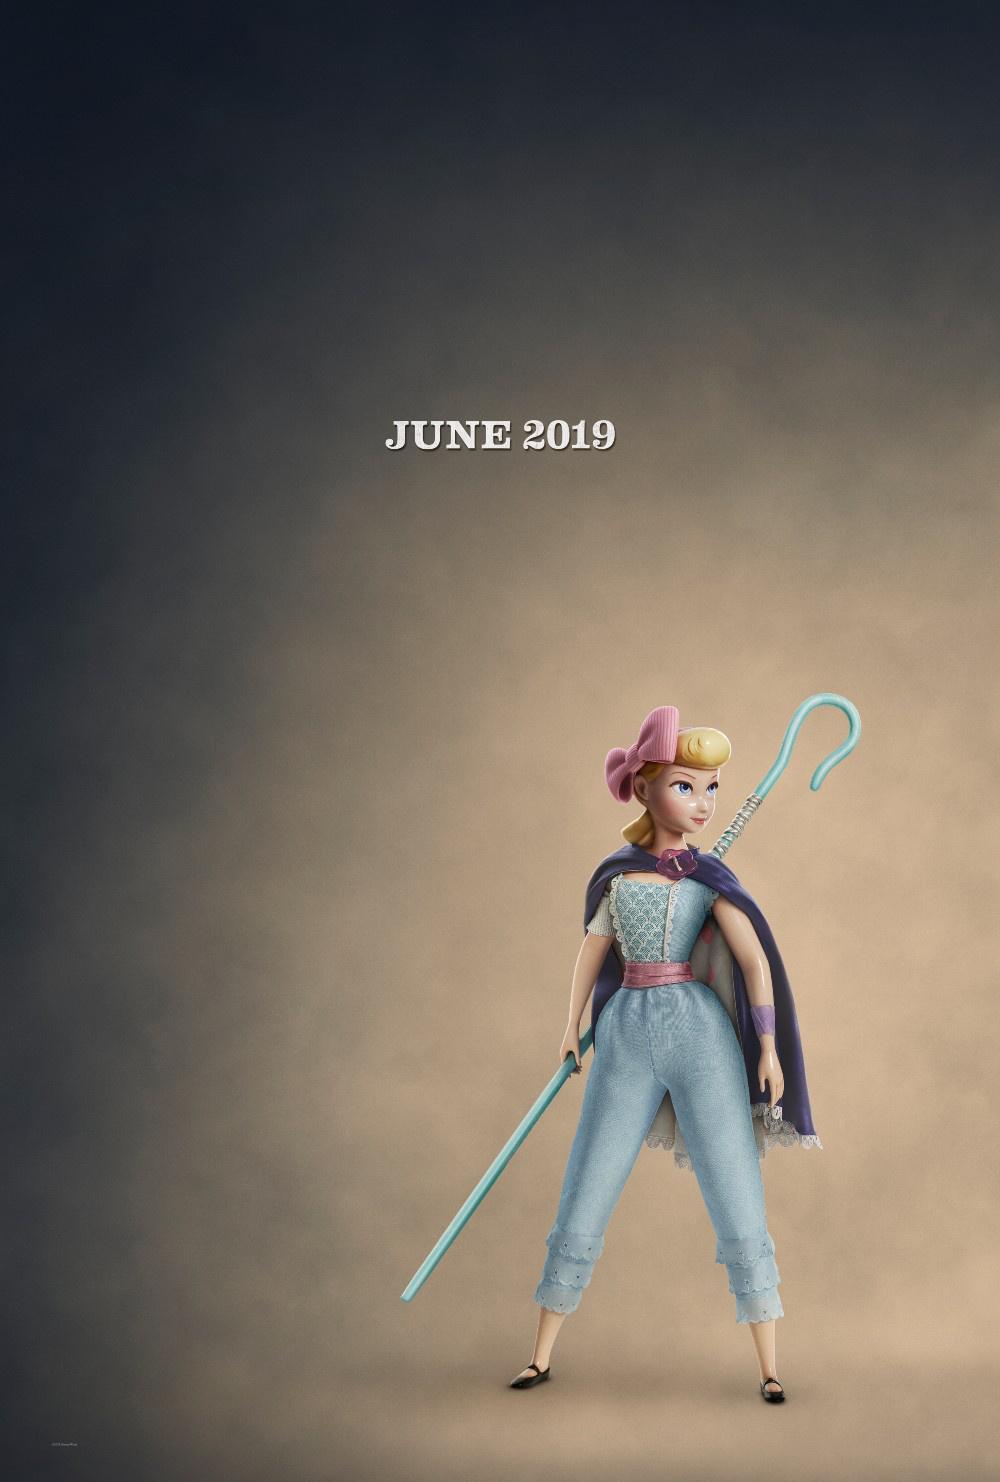 《玩具总动员4》曝光海报 牧羊女全新造型回归